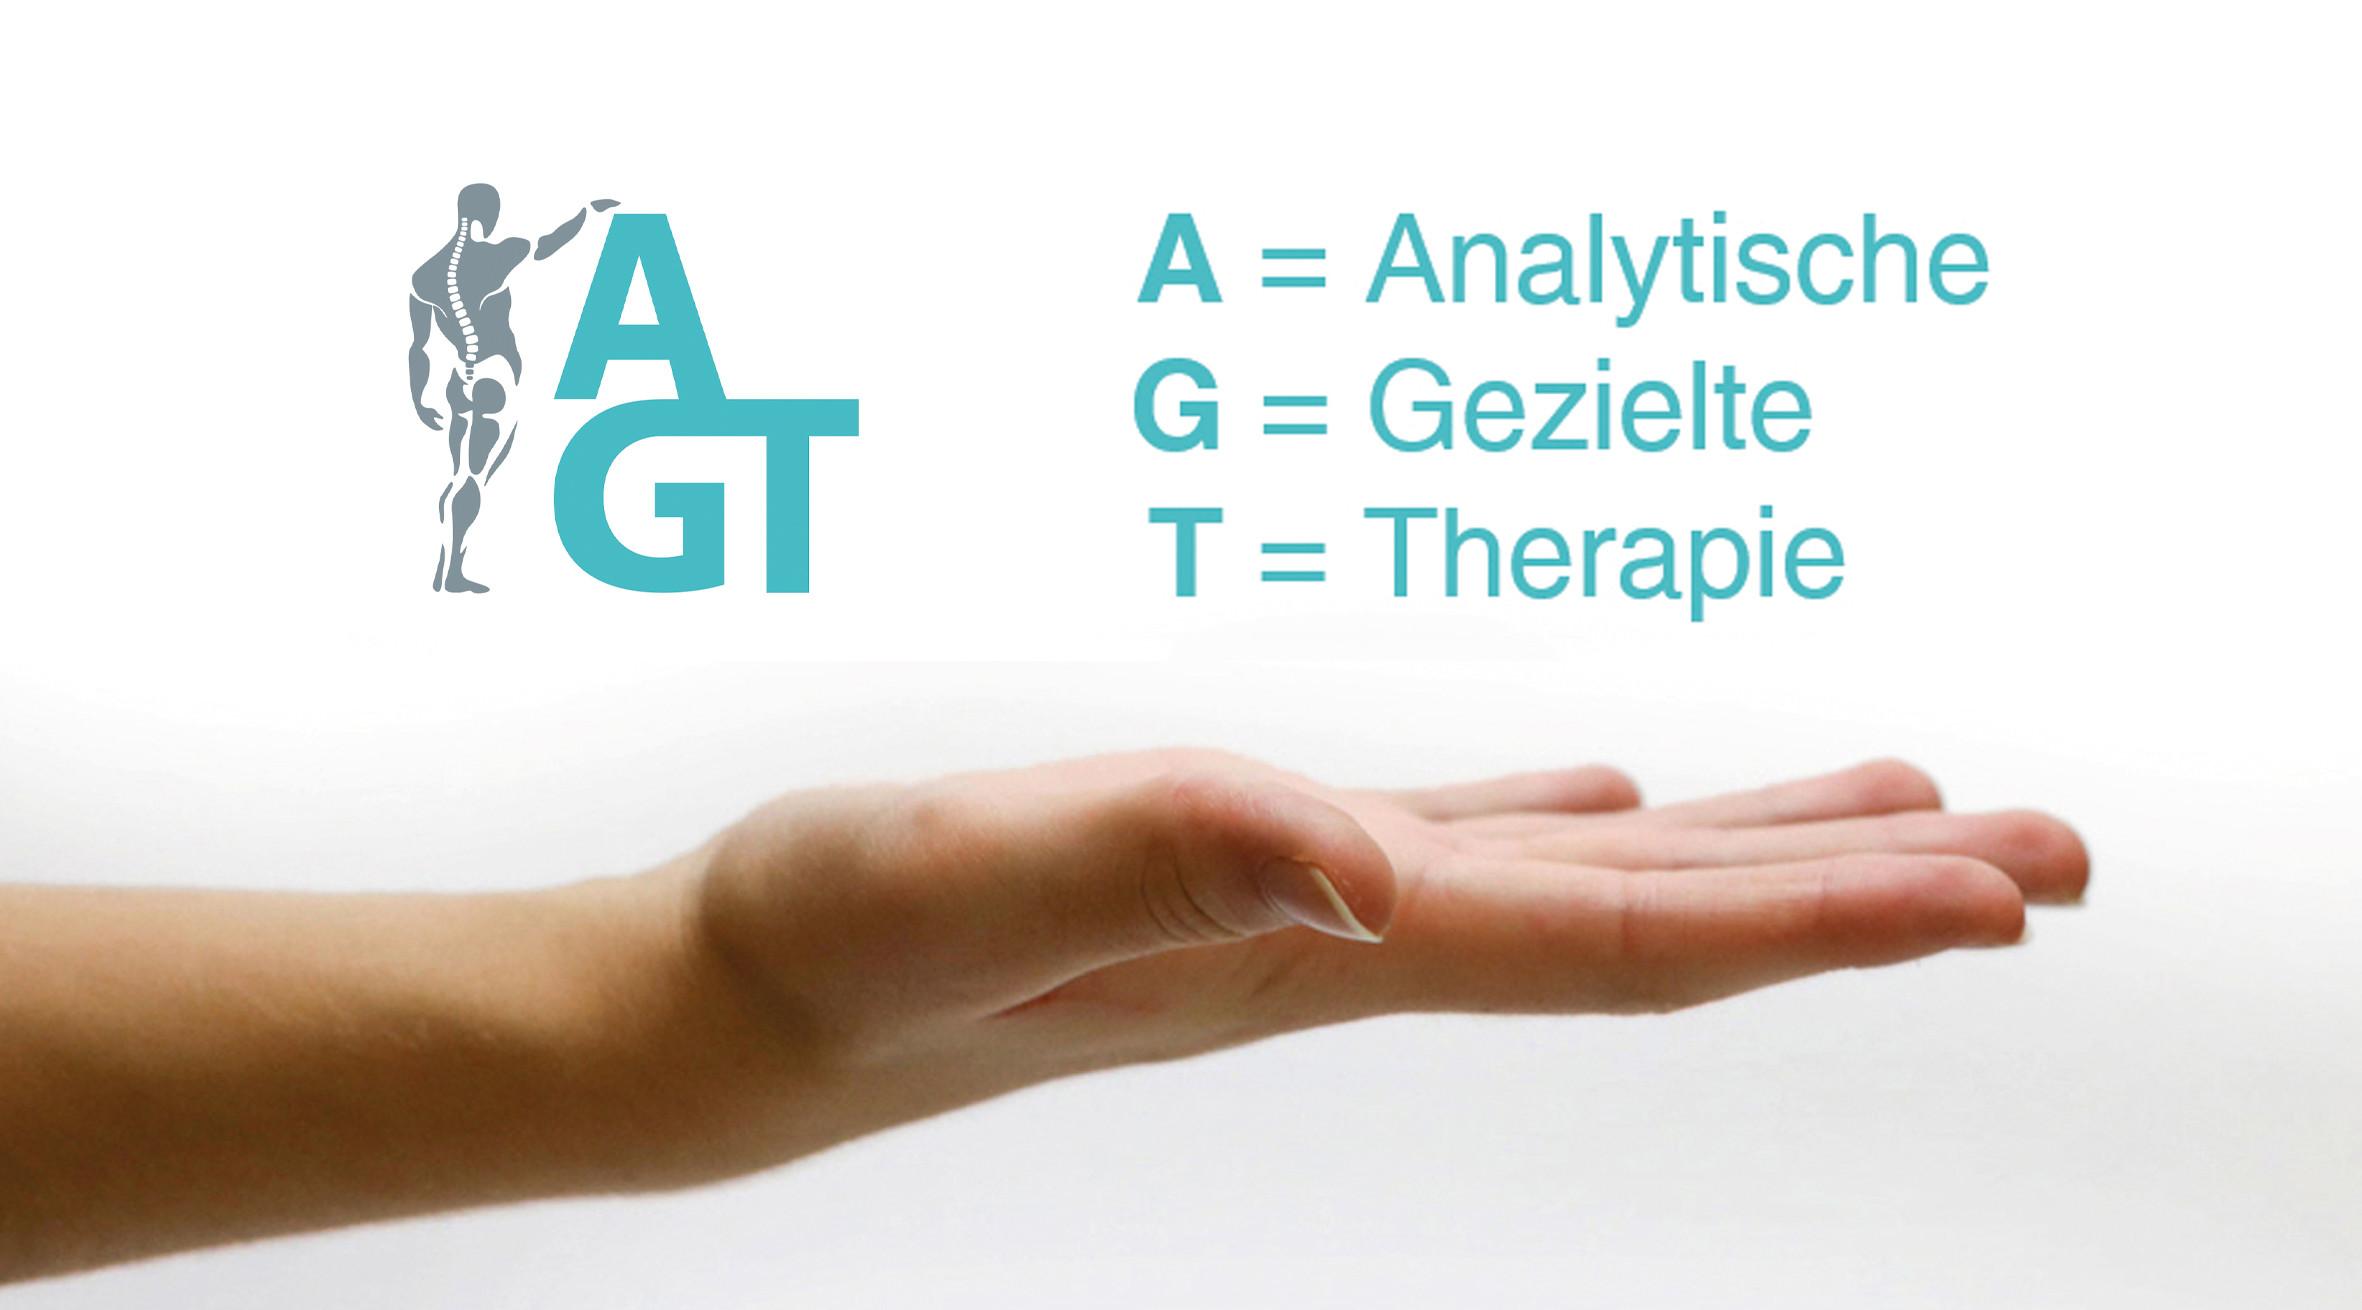 AGT= Analytische Gezielte Therapie